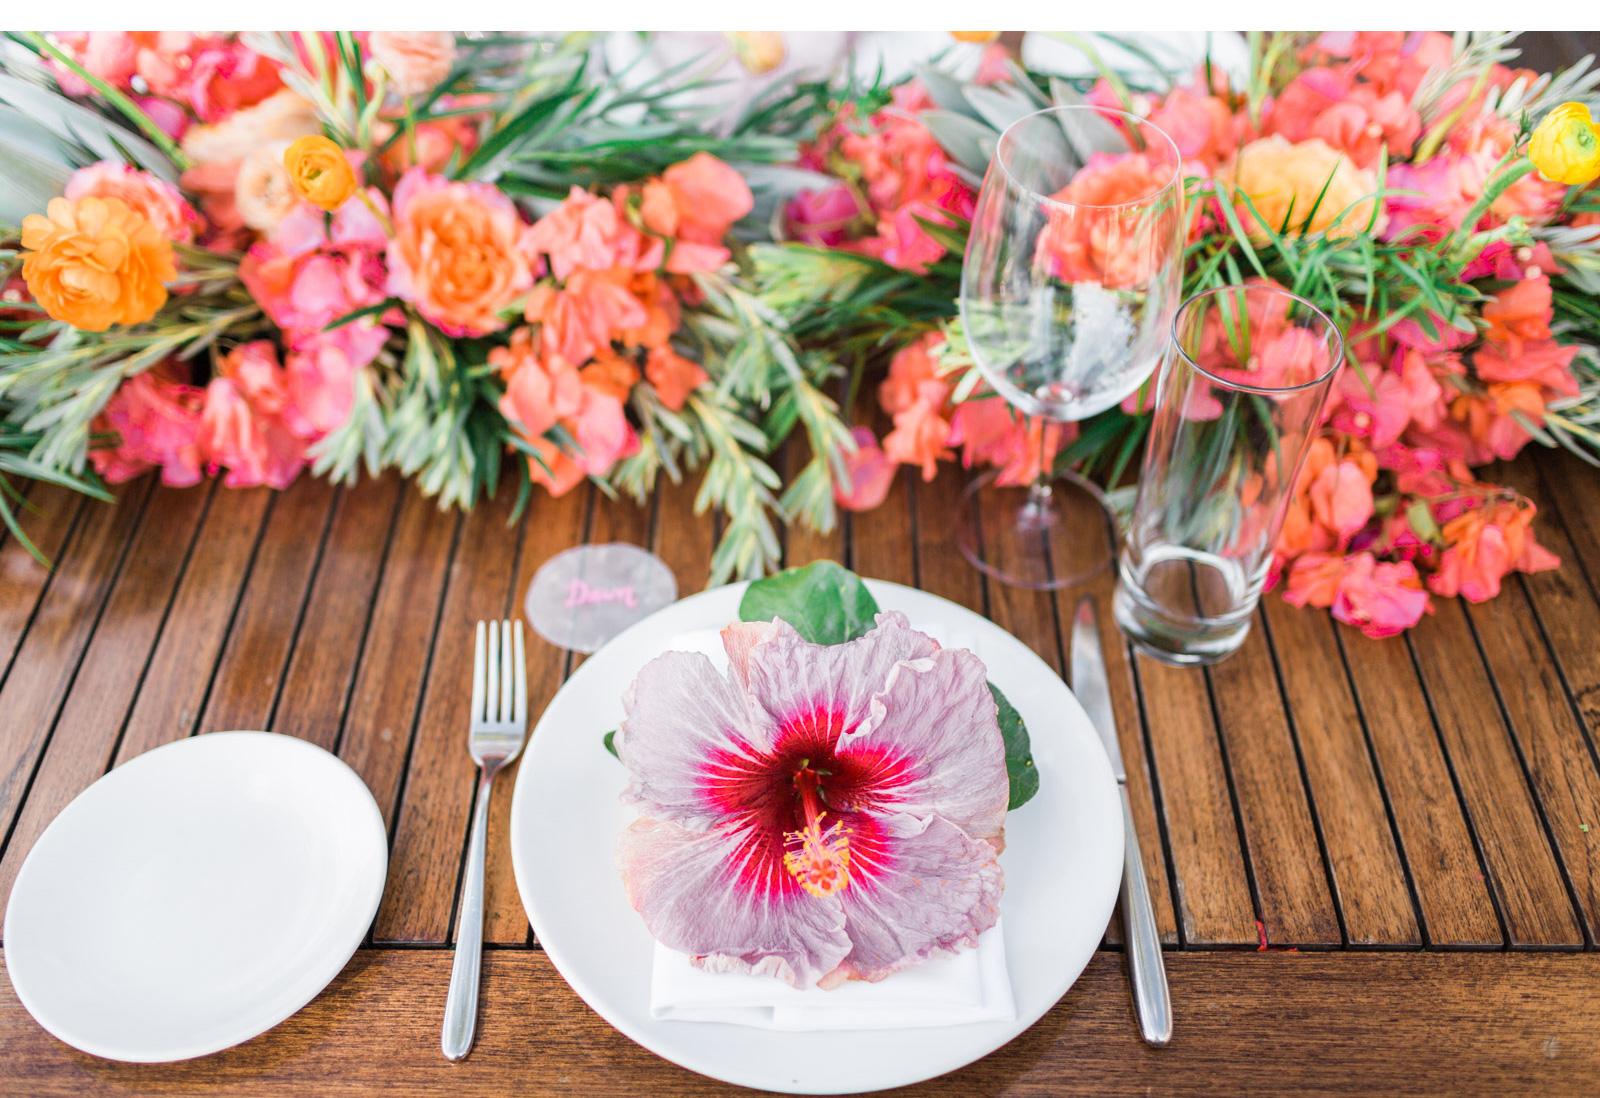 Natalie-Schutt-Photography---Maui-Destination-Wedding-Photographer_04.jpg